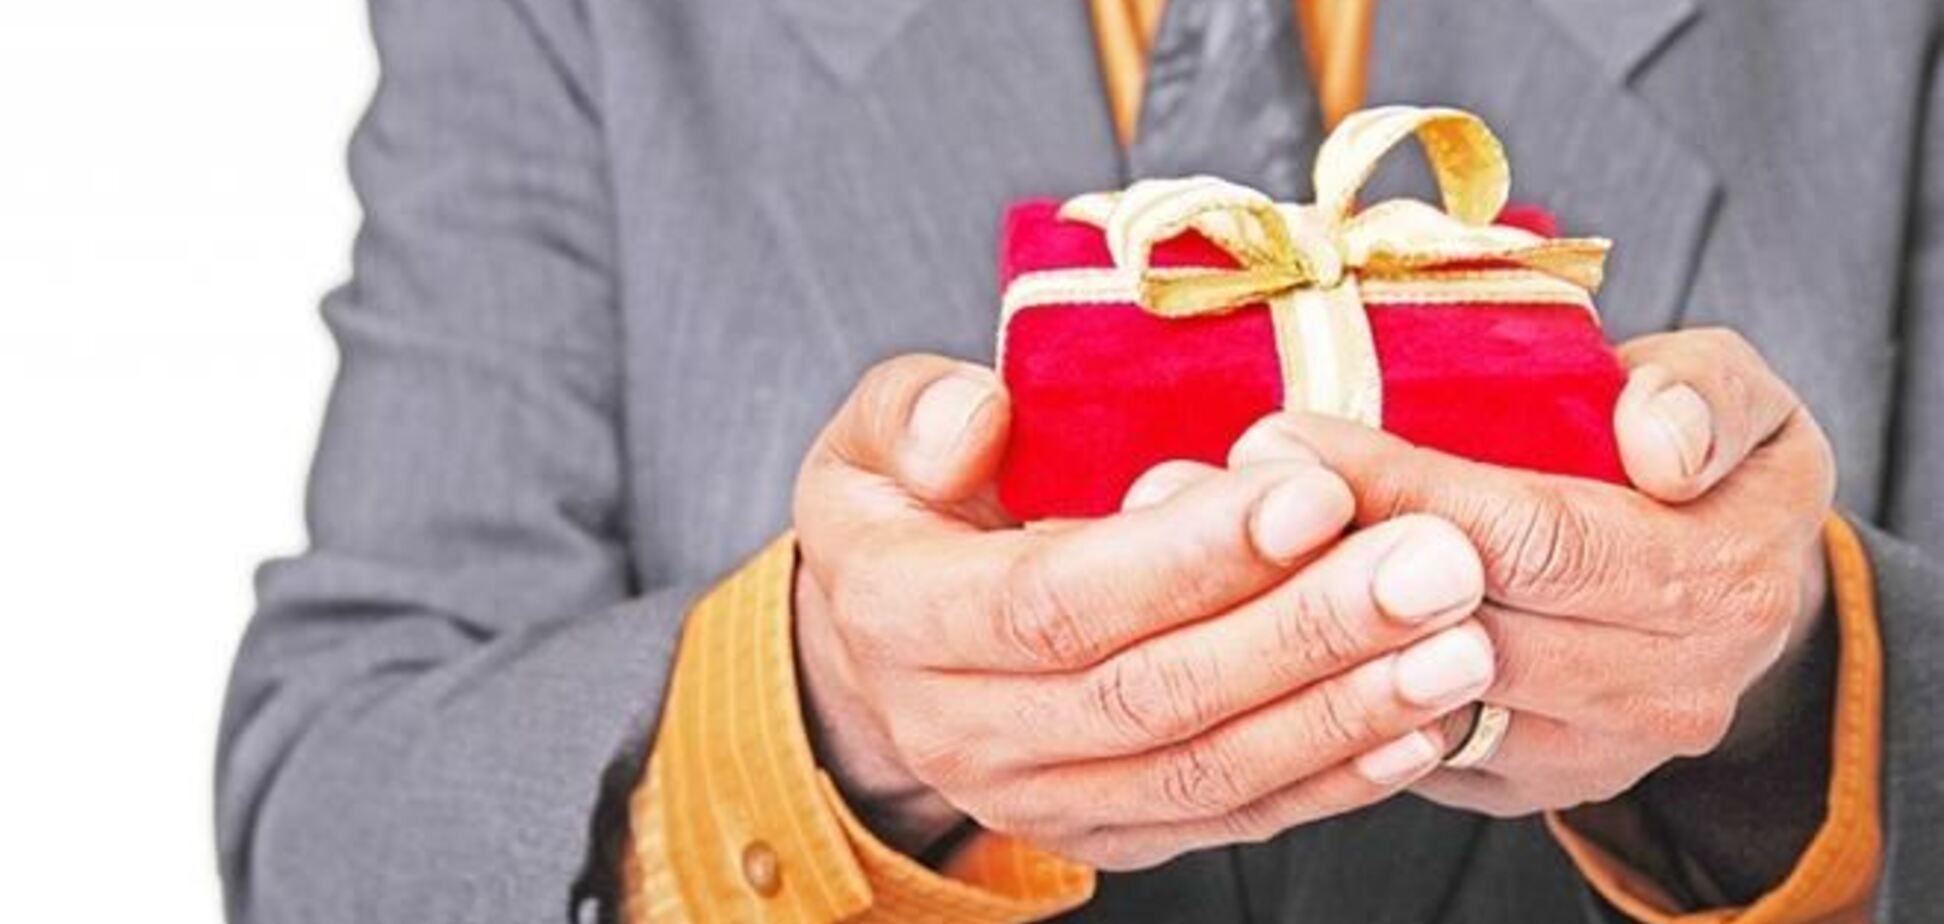 Минюст объяснил чиновникам, до какой суммы допускается взятка